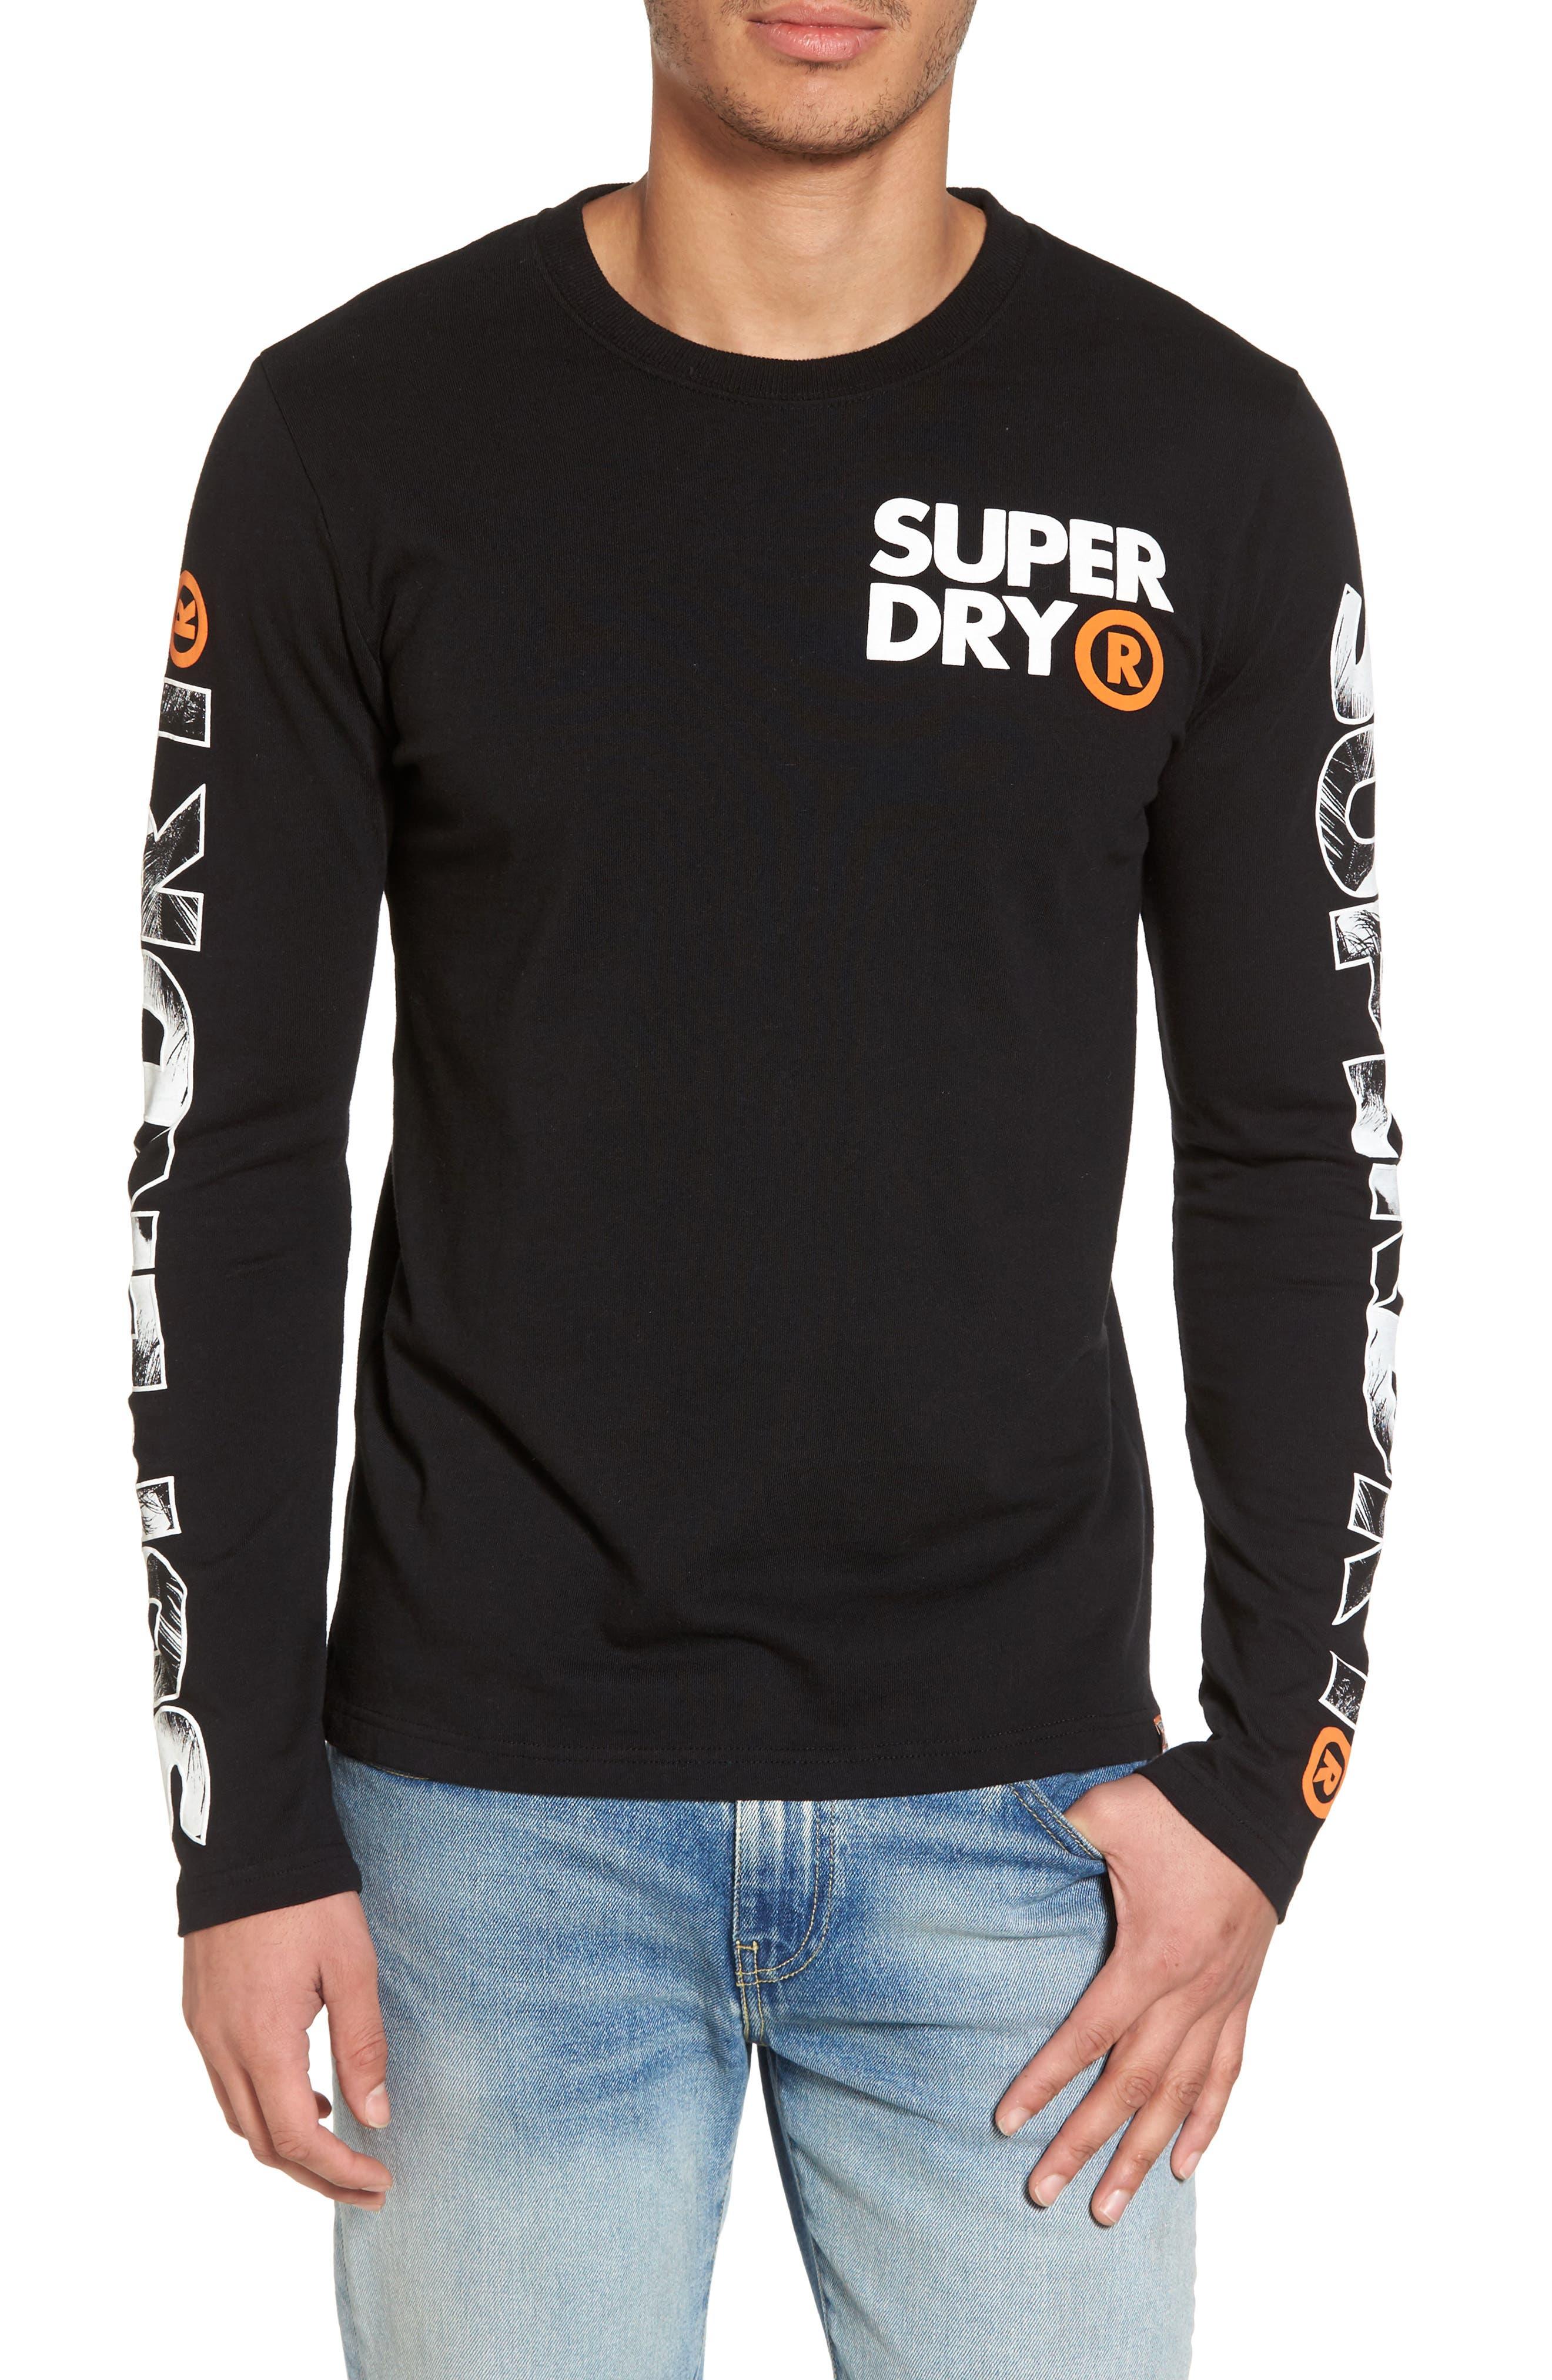 Superdry Hyper T-Shirt